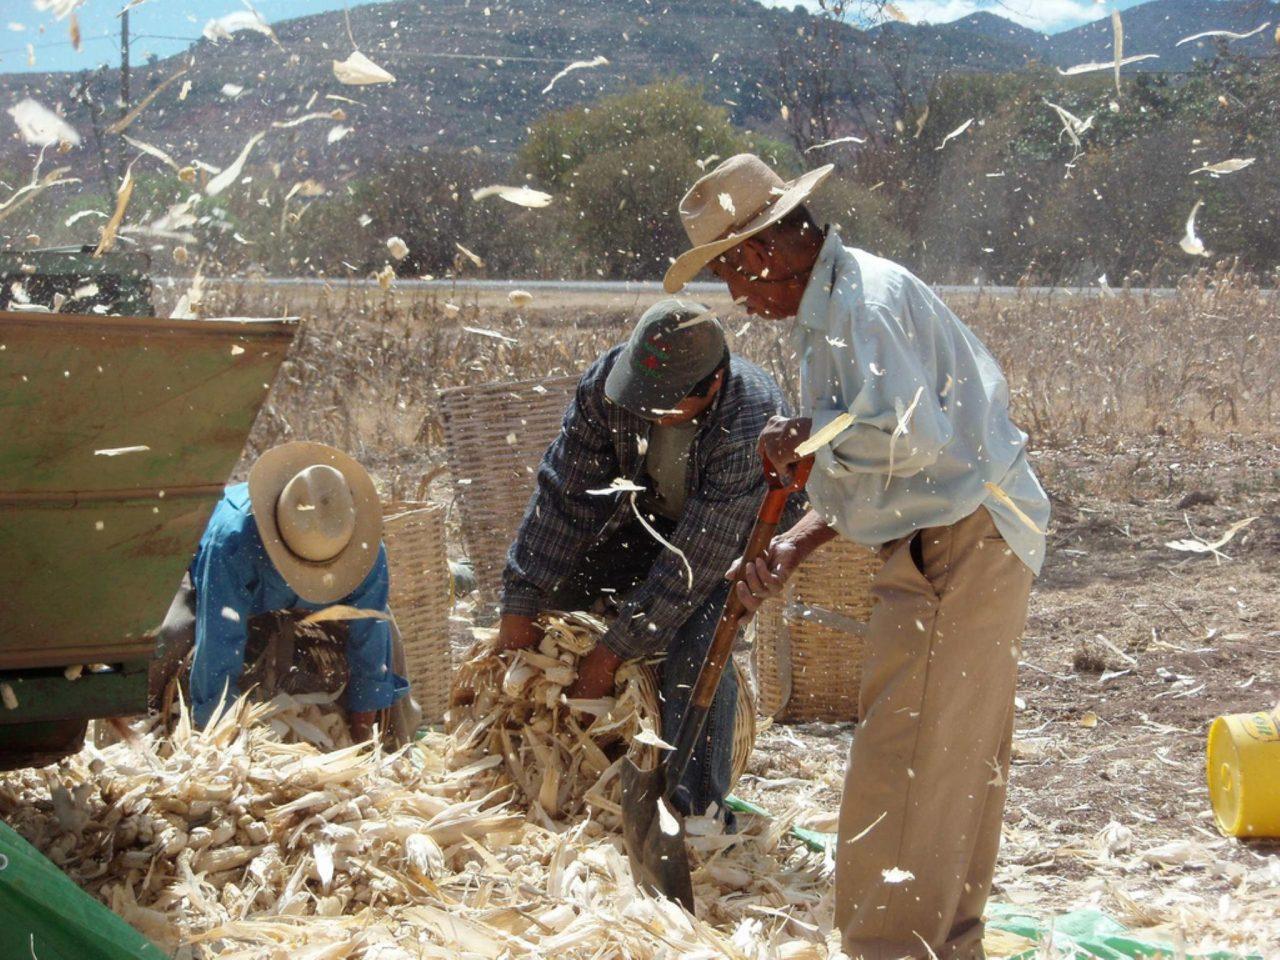 México y EU impulsarán intercambio comercial agroalimentario